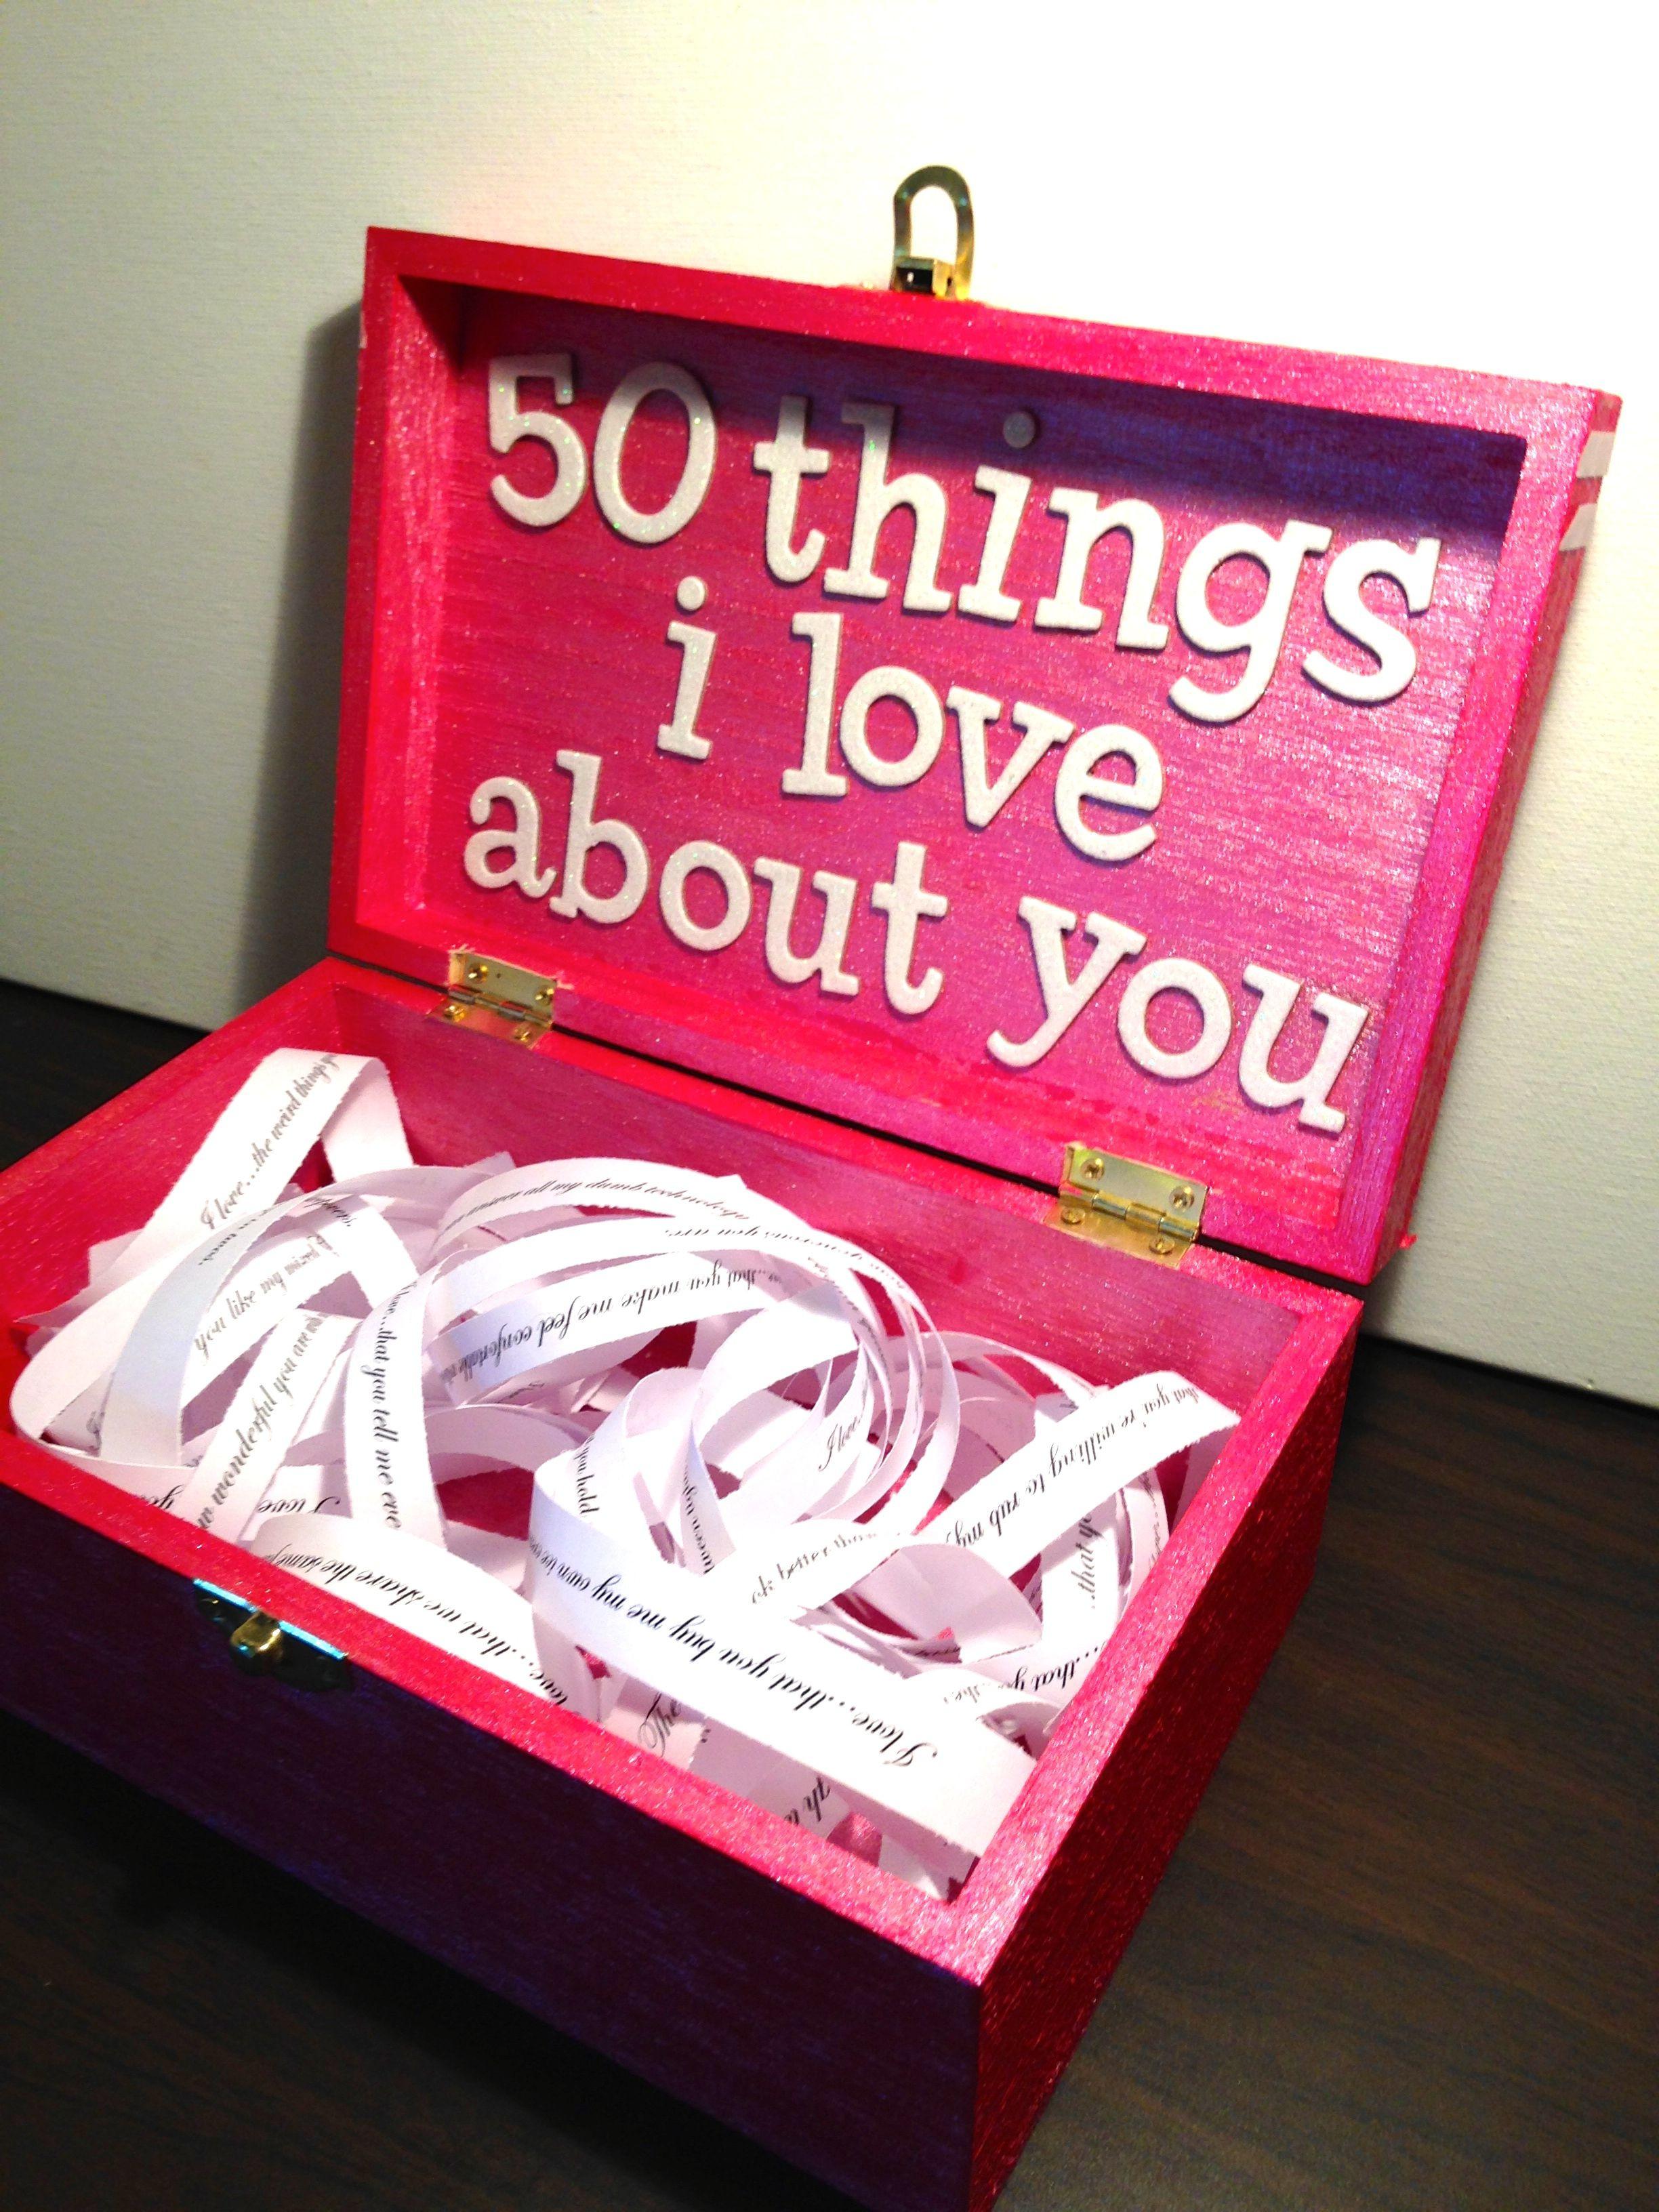 Girlfriend Birthday Gift Ideas Reddit  Boyfriend Girlfriend t ideas for birthday valentine